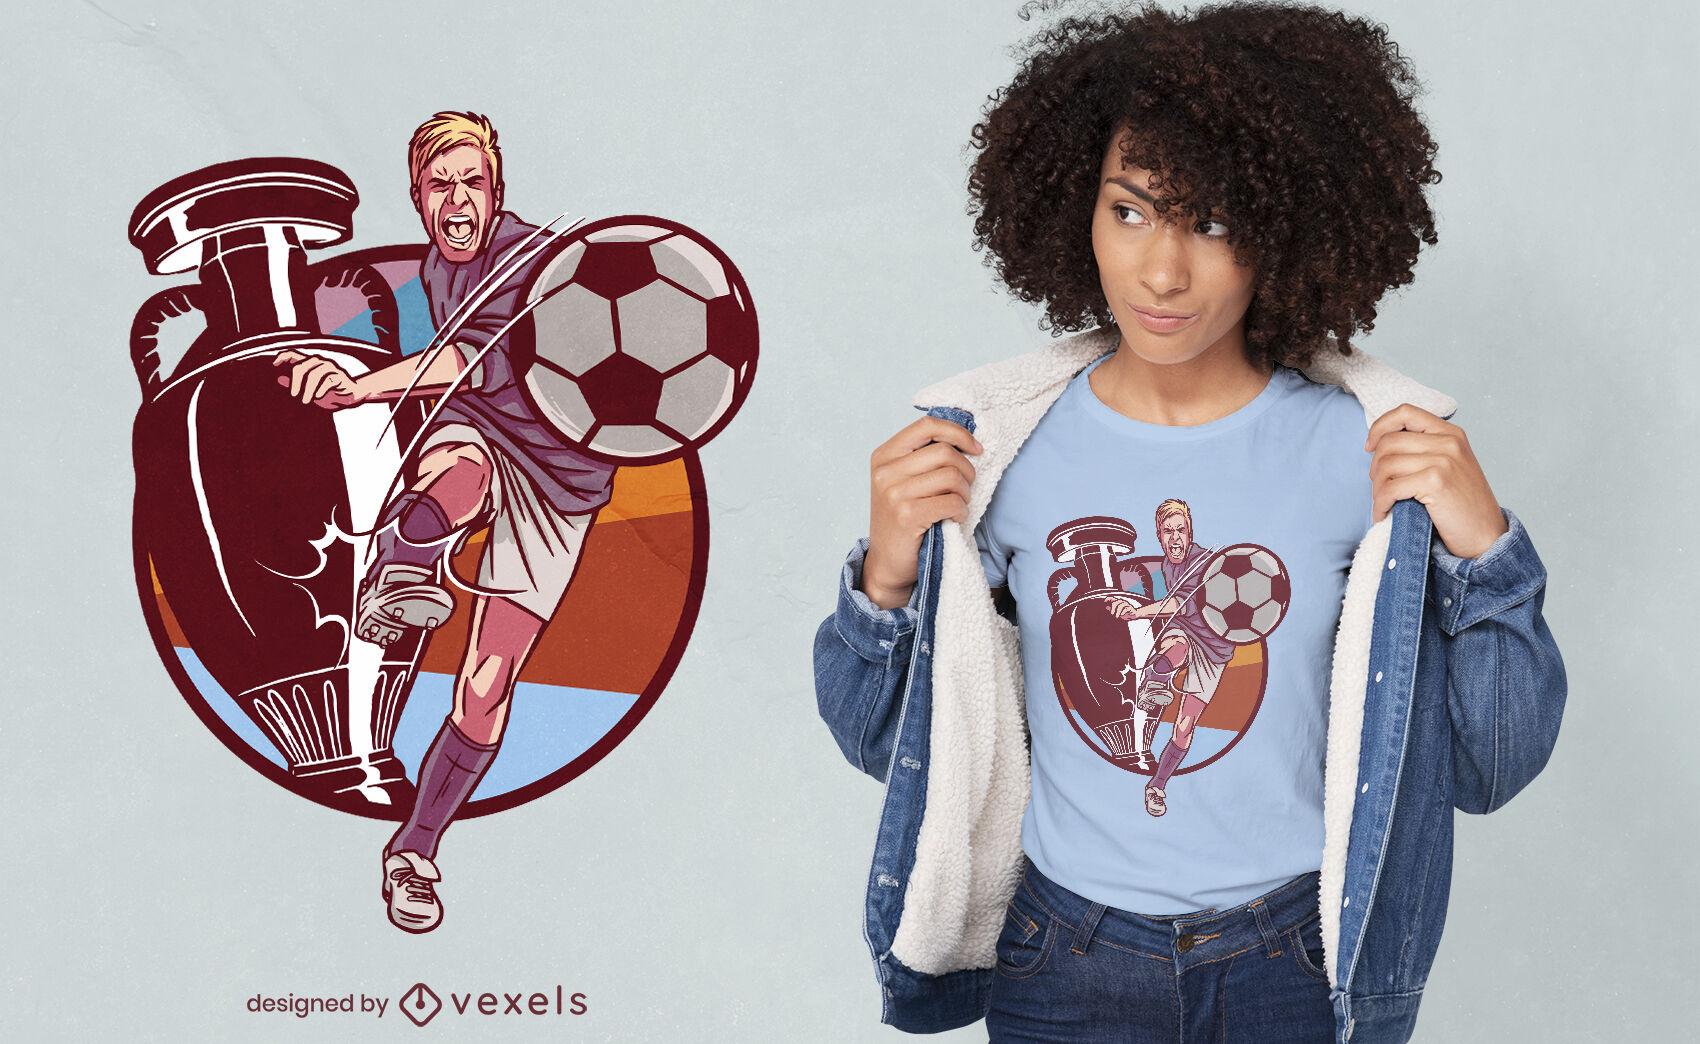 Diseño de camiseta de trofeo de jugador de fútbol deportivo.